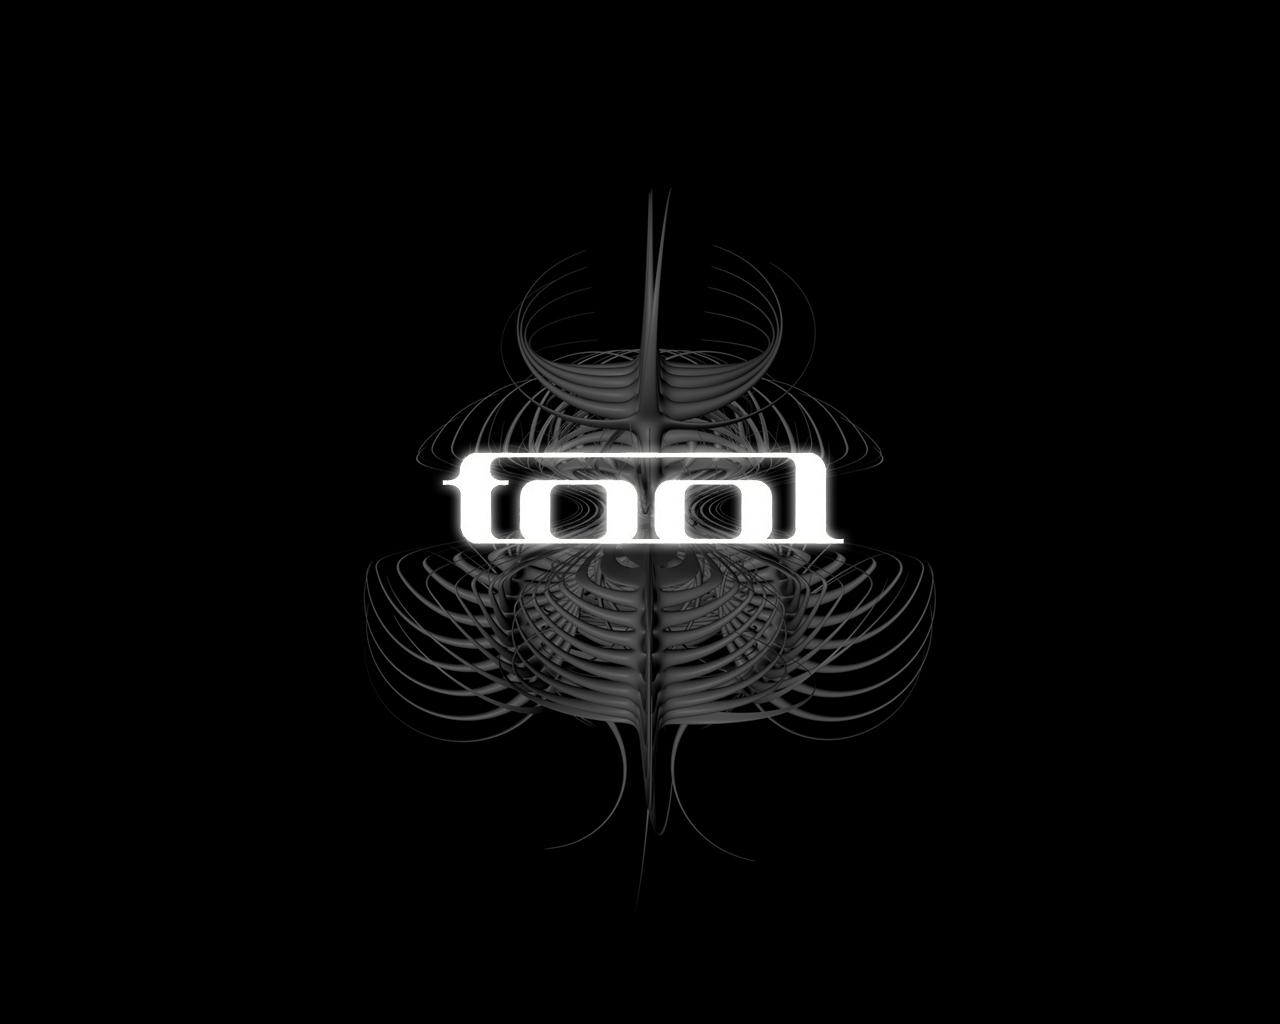 Tool - Tool Wallpaper (10572349) - Fanpop - 1024 x 768 jpeg 781kB